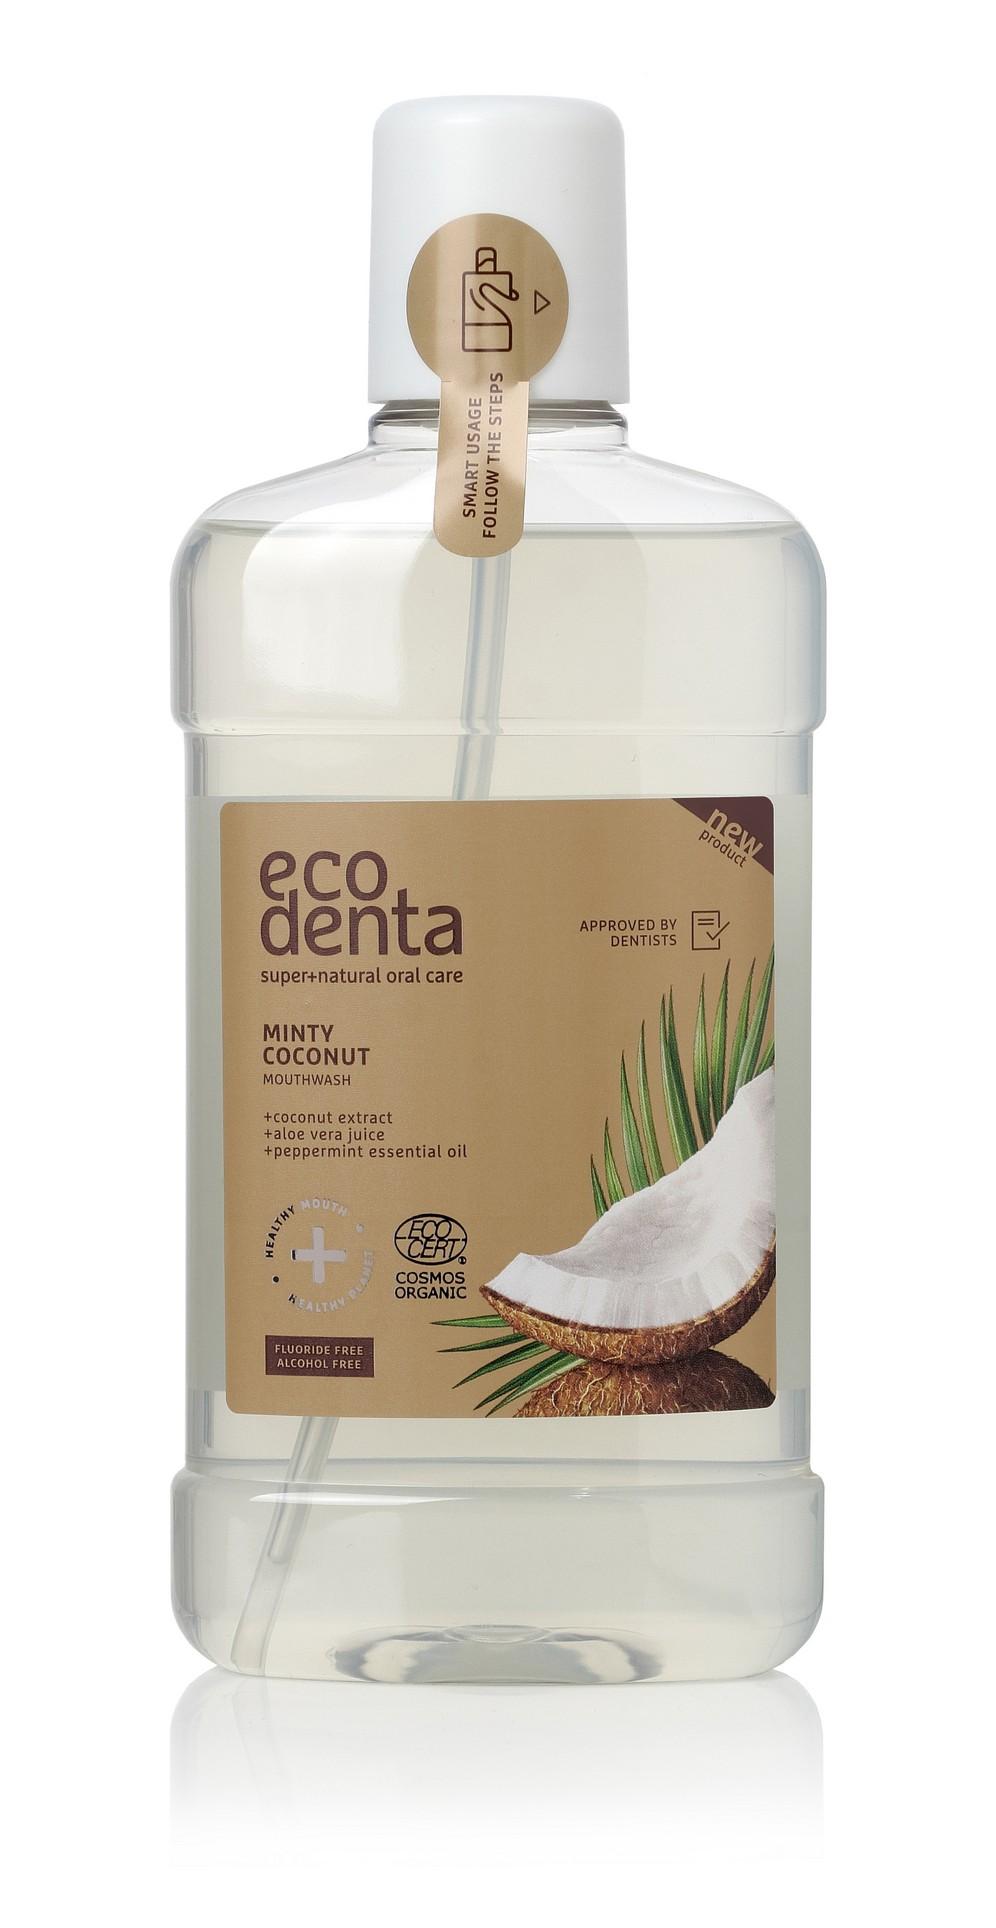 Ecodenta Minty Coconut Mouthwash, Suuvesi 500ml